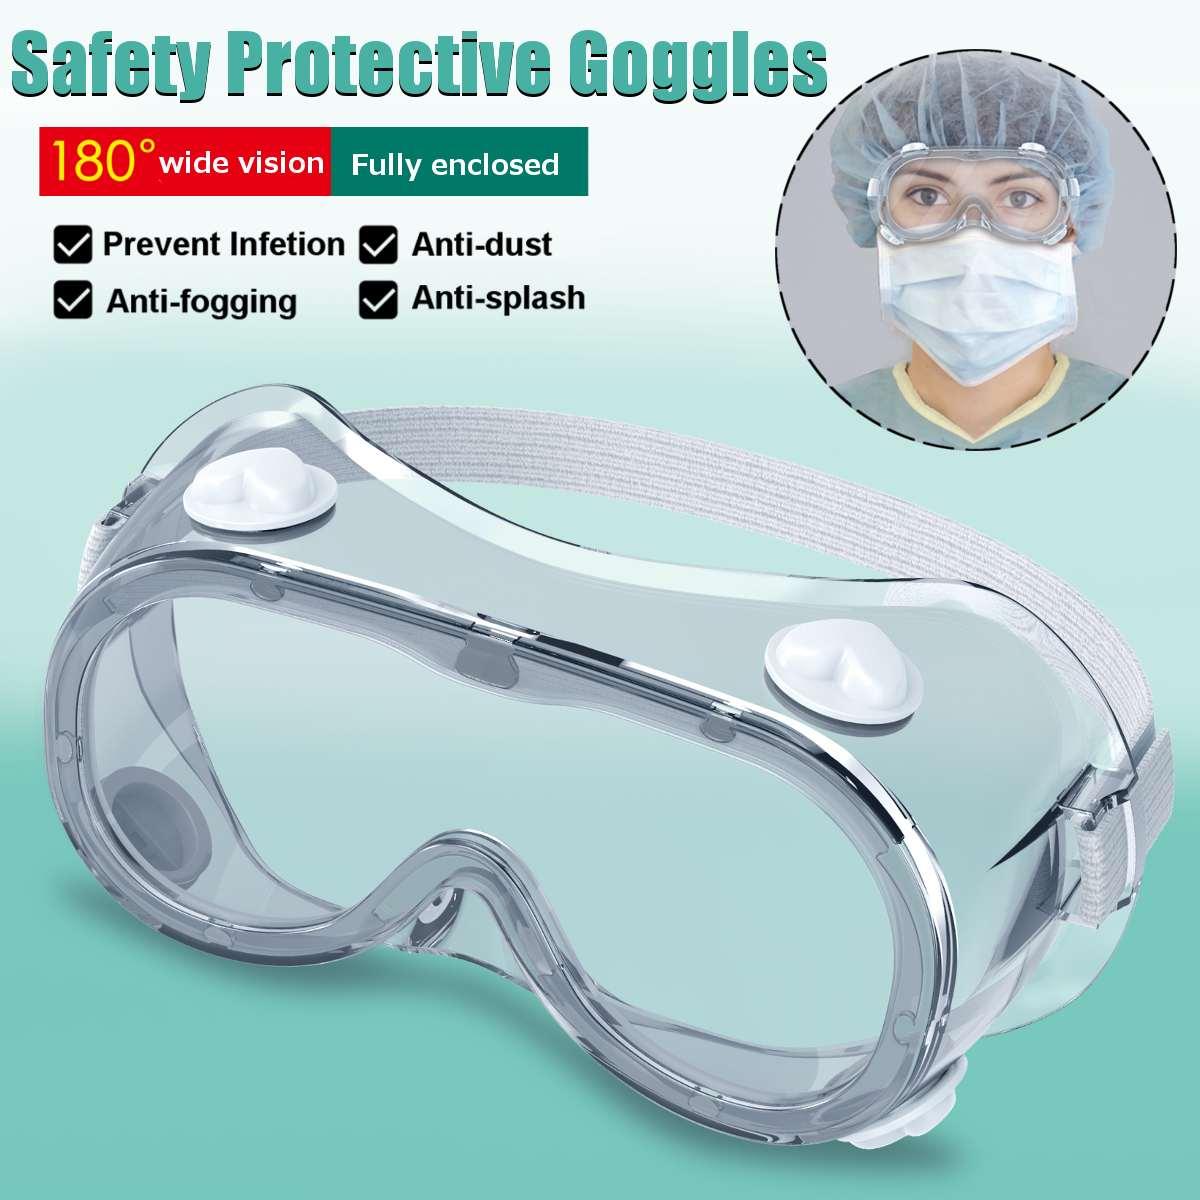 Защитные очки для защиты глаз, одноразовая маска для предотвращения инфекции, непрямого разрыва, 2 вида